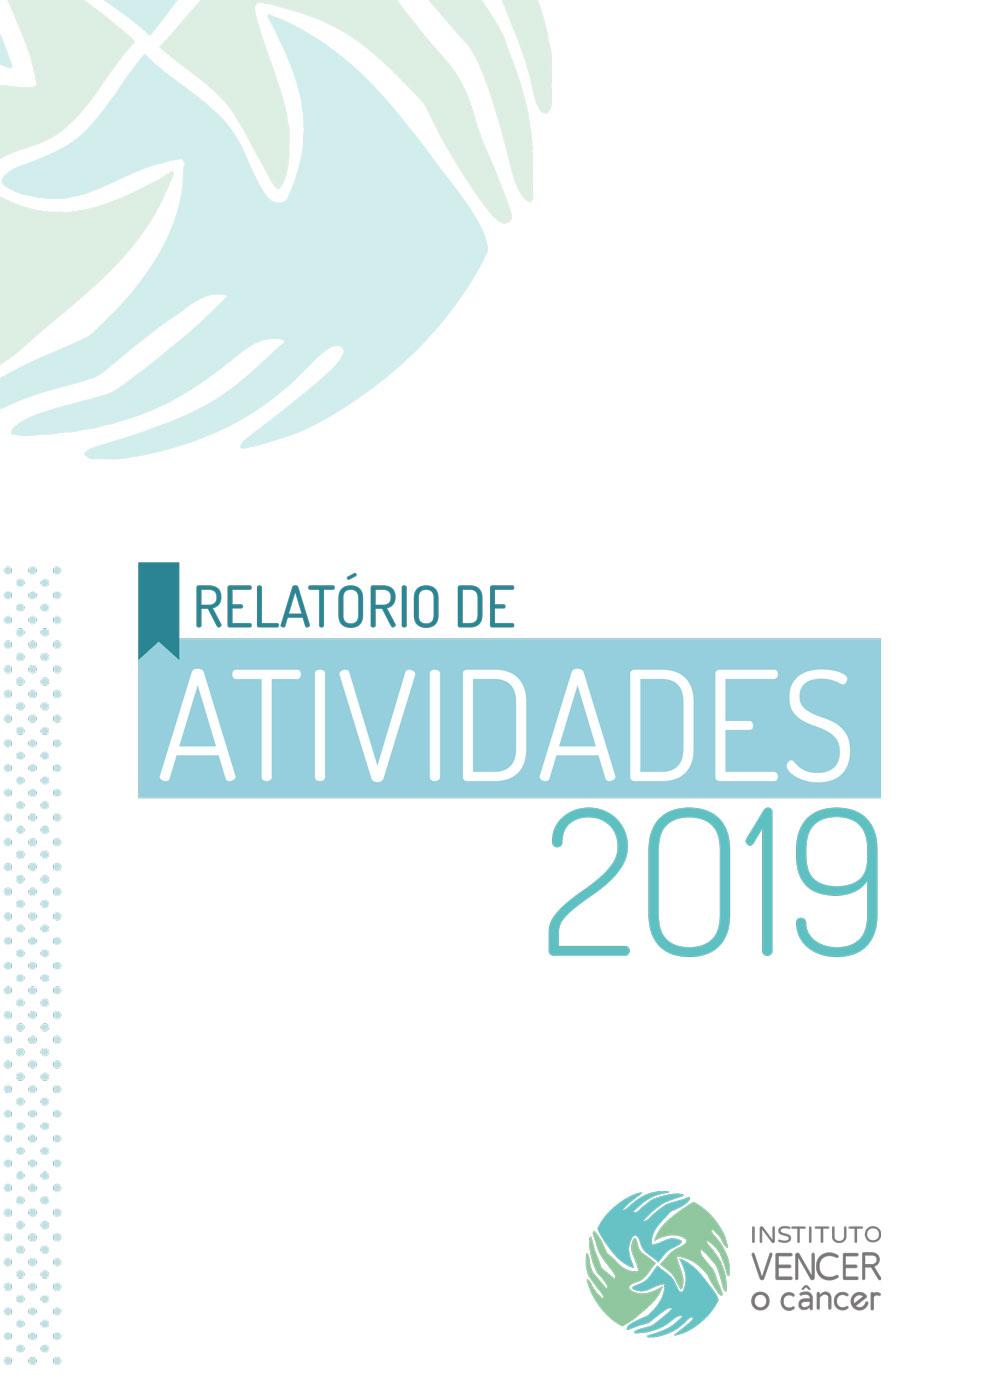 Relatório de Atividade 2019